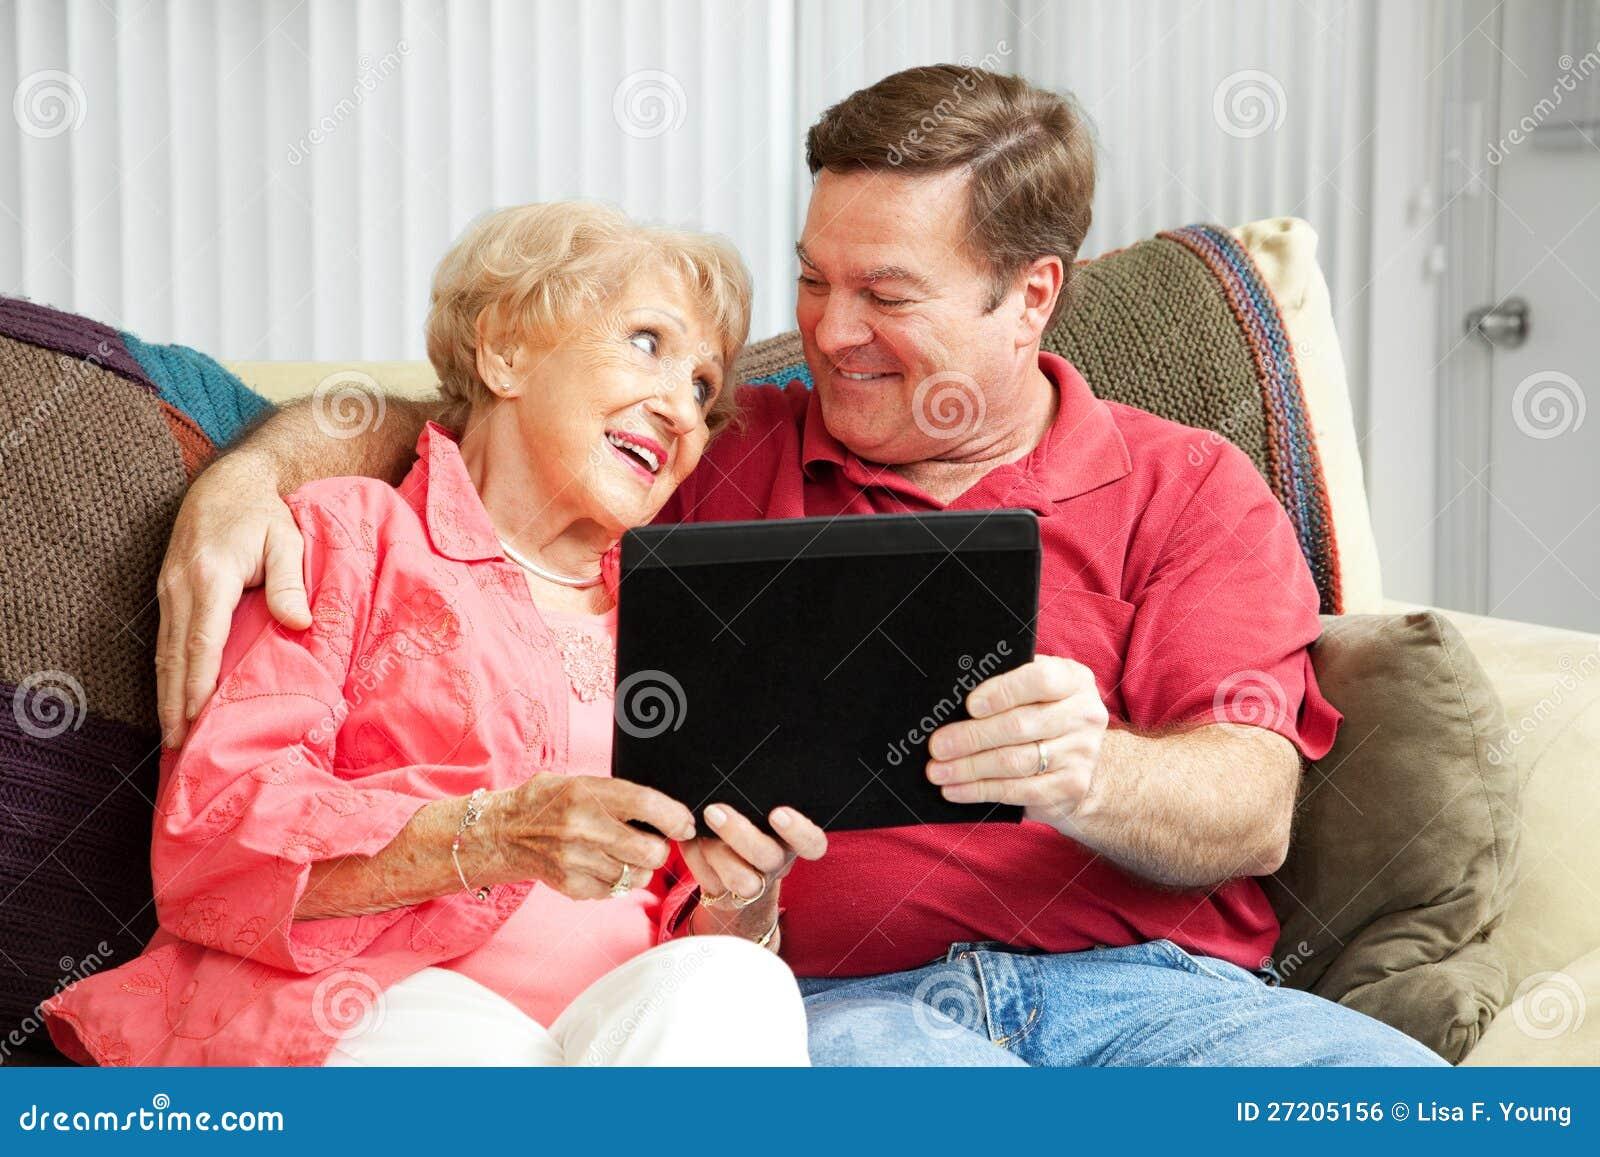 Сын нас сын и мать смотреть онлайн 25 фотография